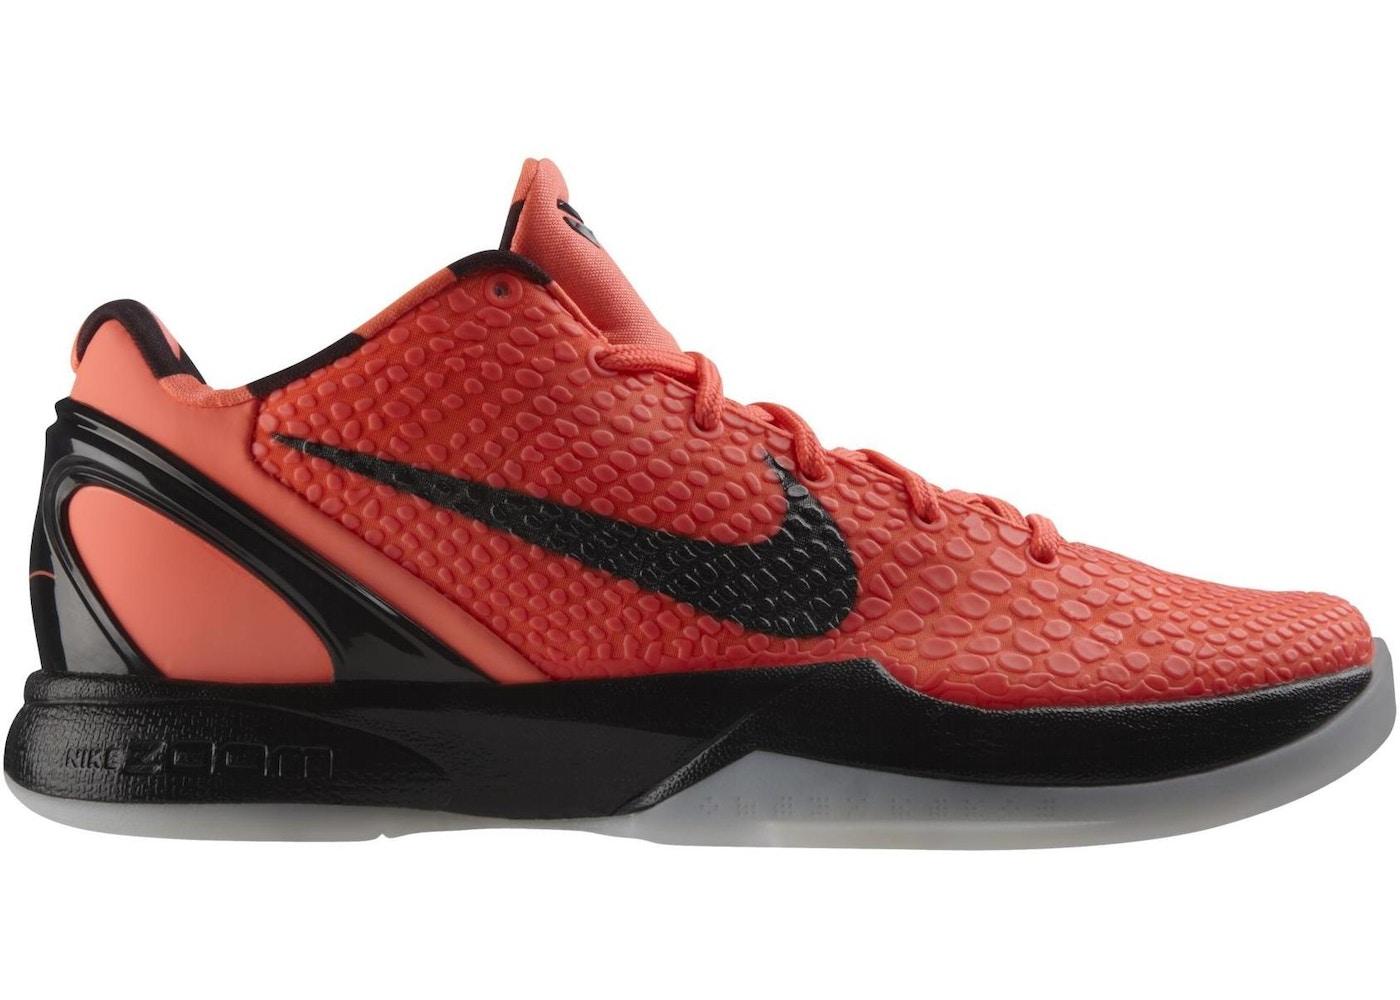 online store b14d0 e8c33 Buy Nike Kobe 6 Shoes  Deadstock Sneakers